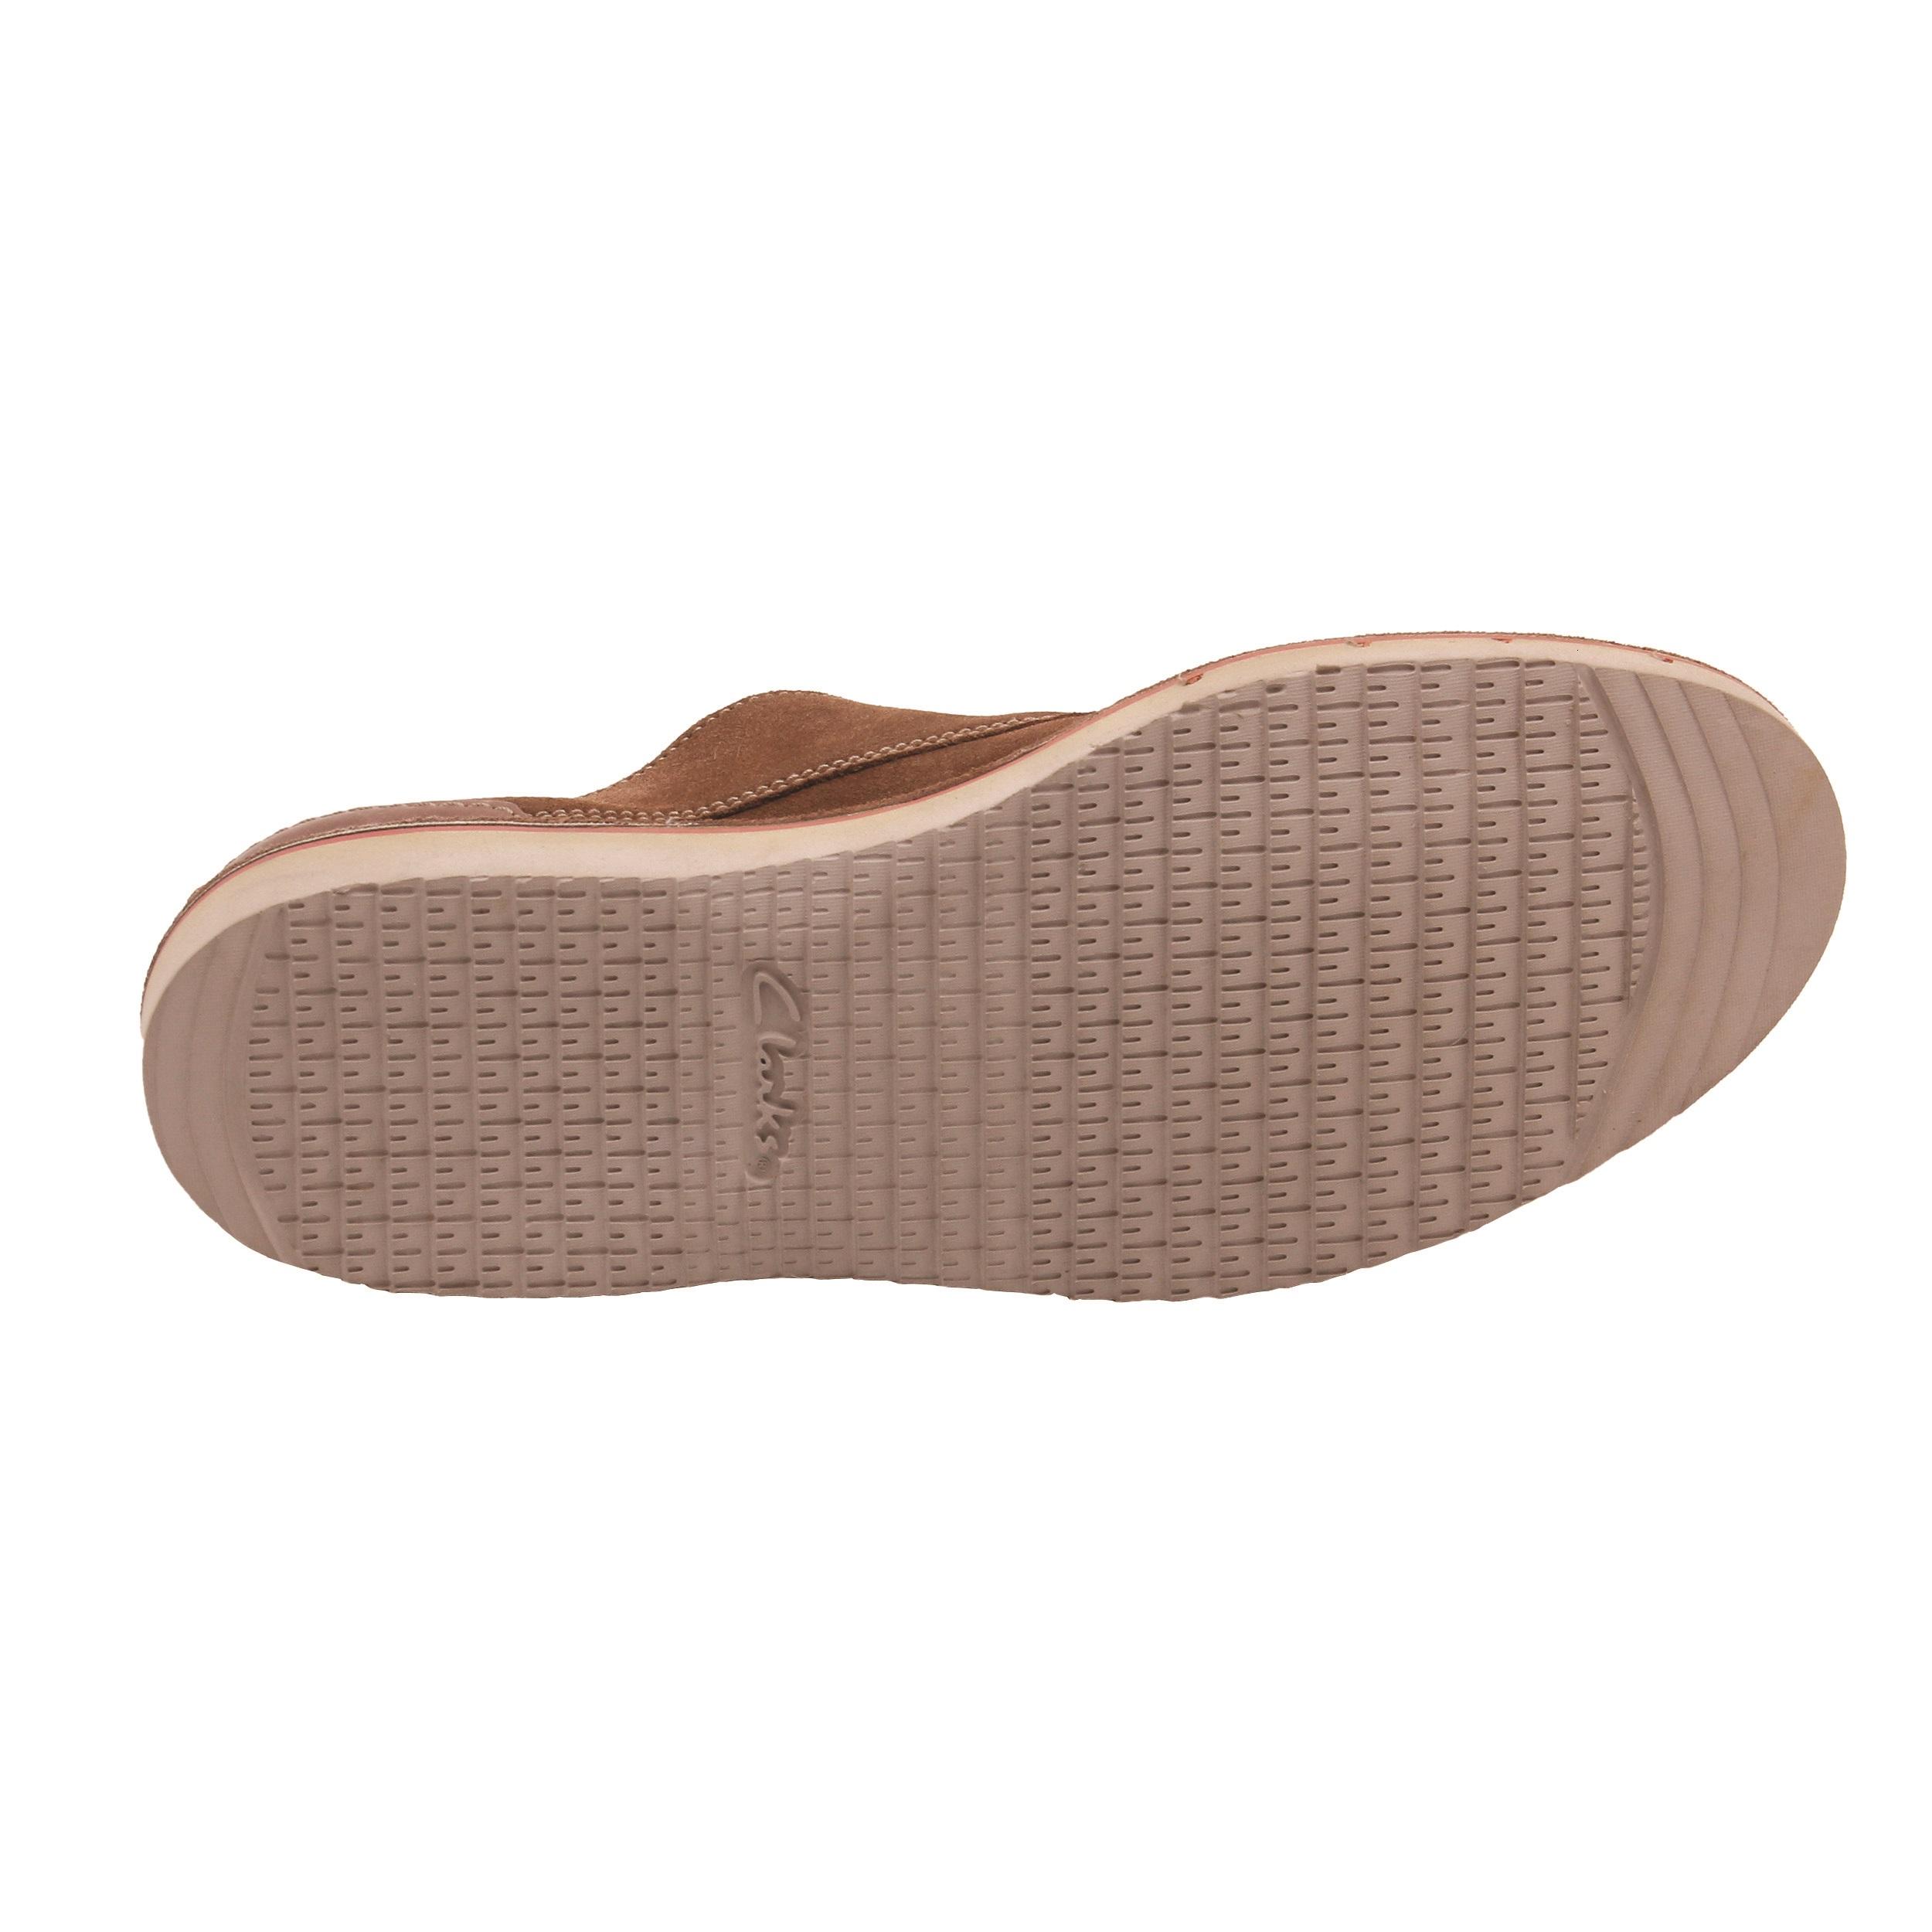 کفش روزمره مردانه کلارک کد 60834776 -  - 2